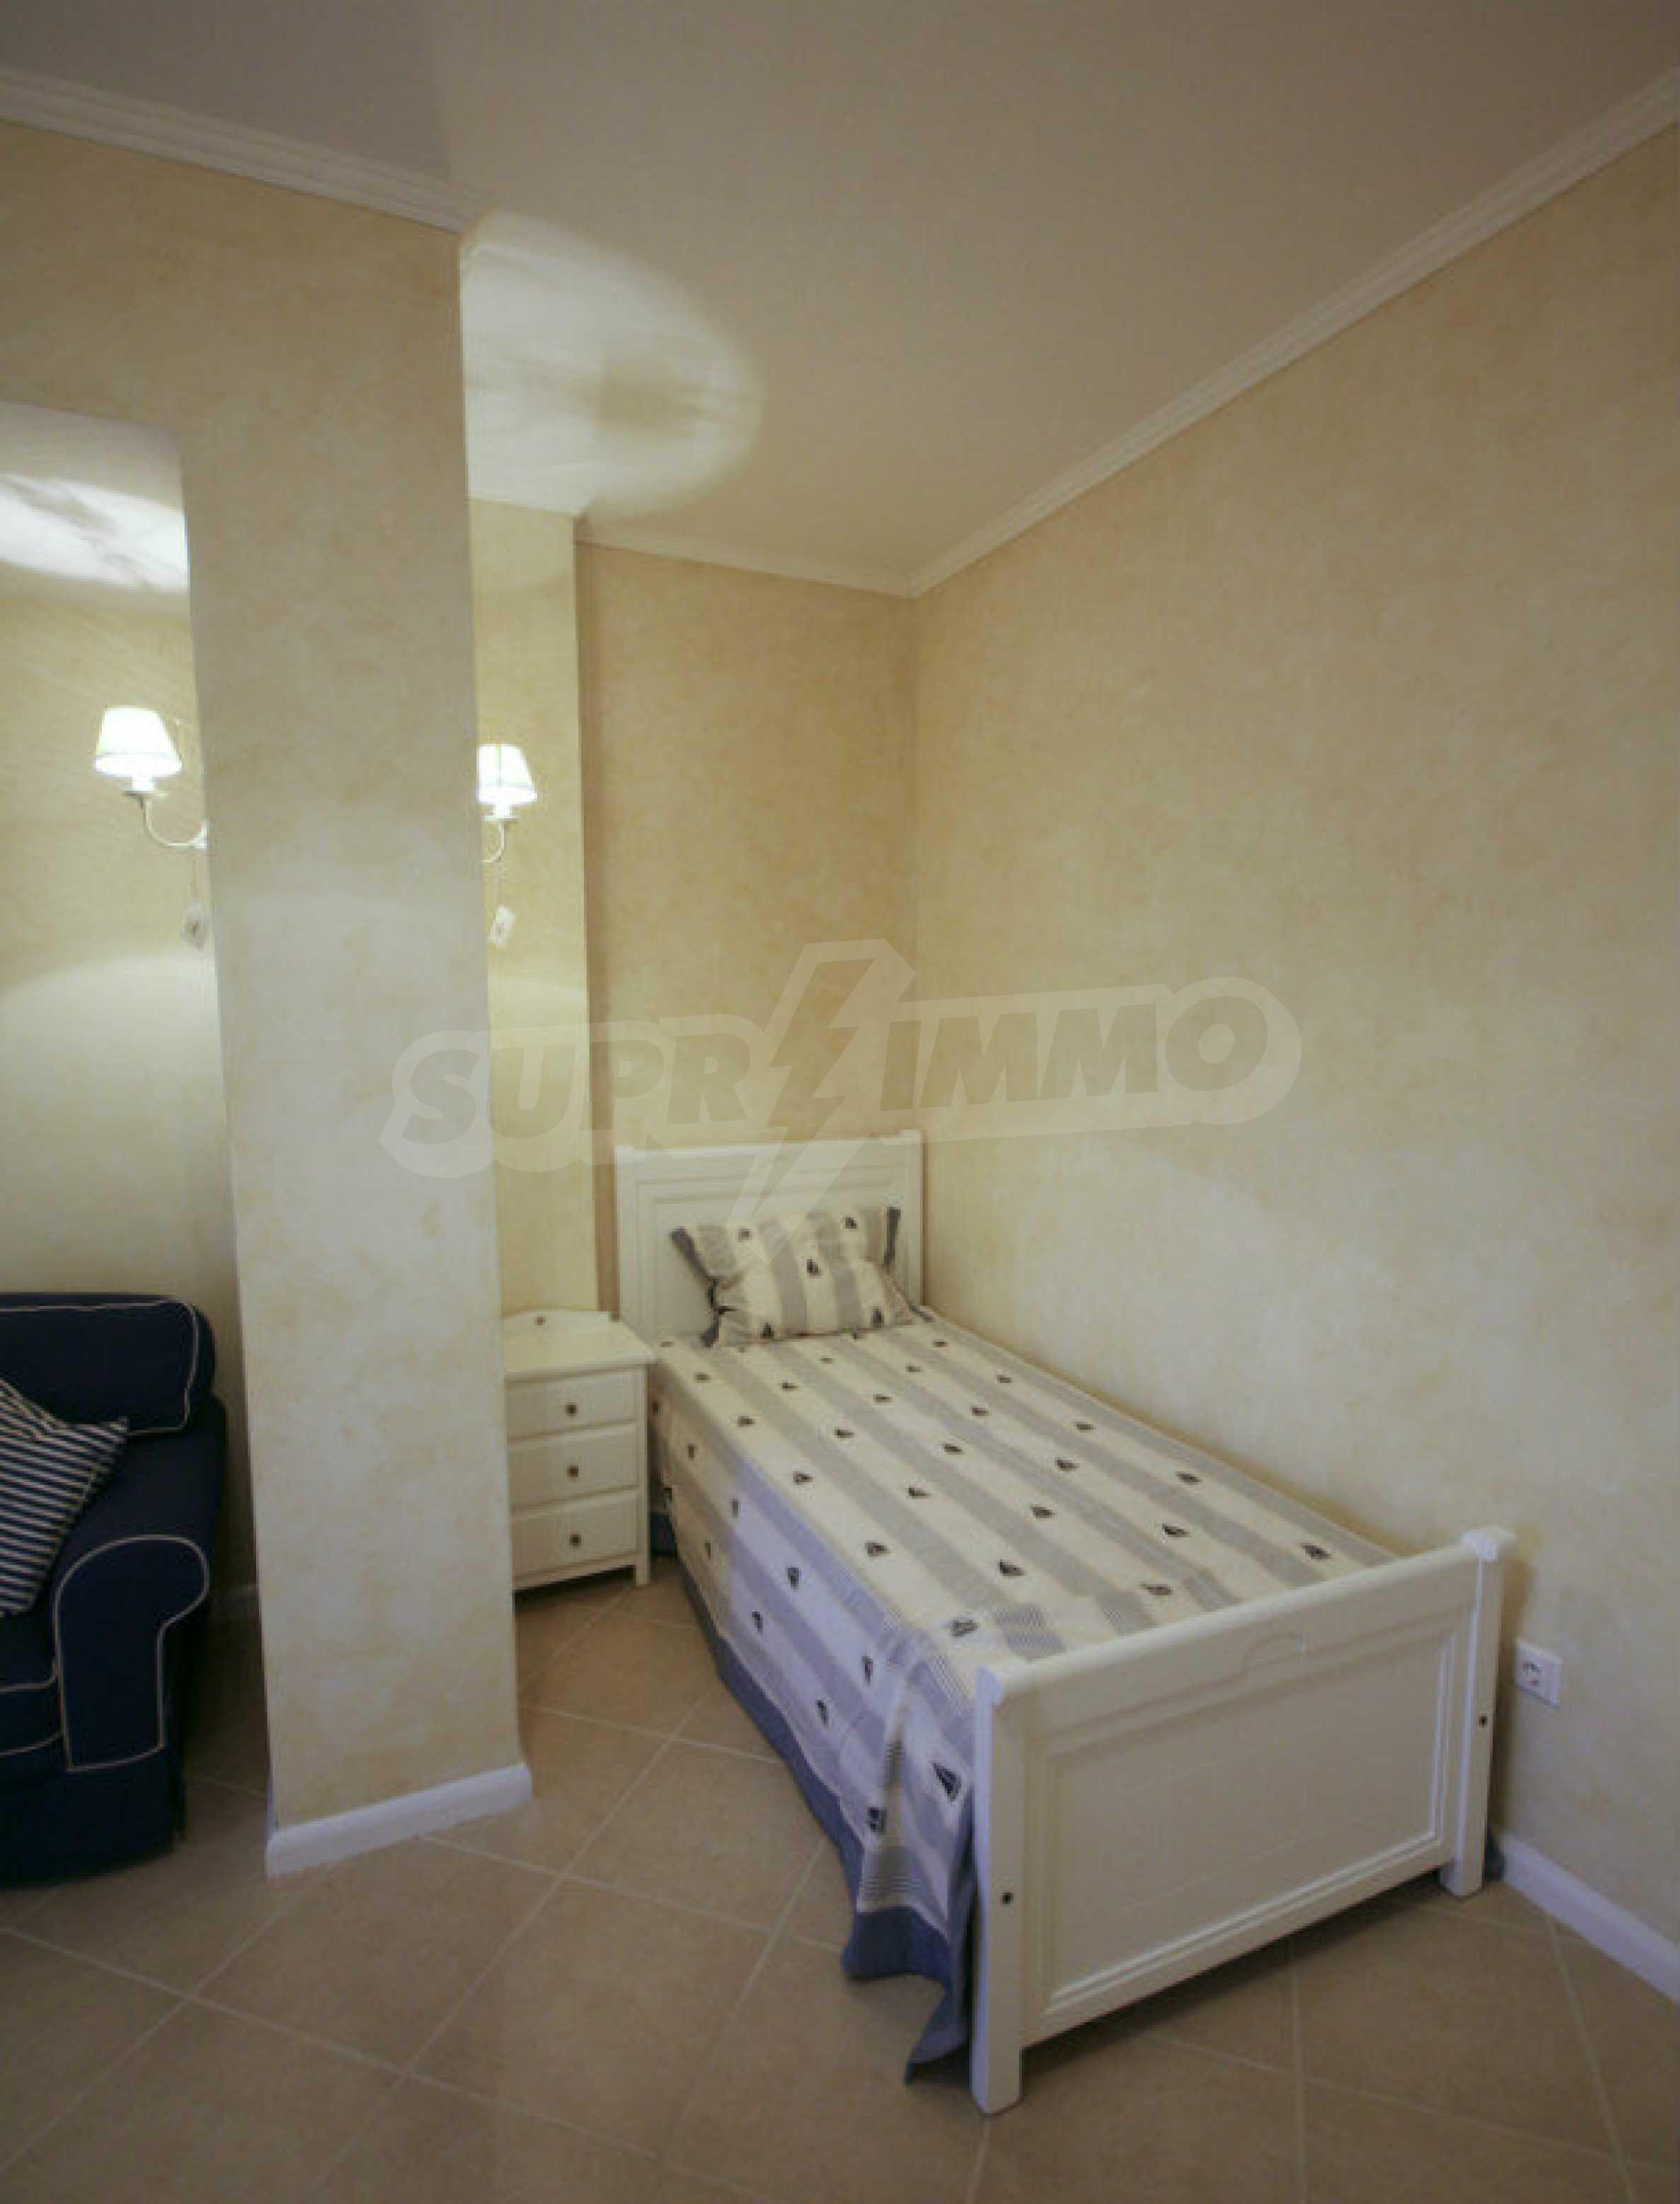 Apartment mit zwei Schlafzimmern und stilvollen Möbeln in einem Komplex in erster Linie 10